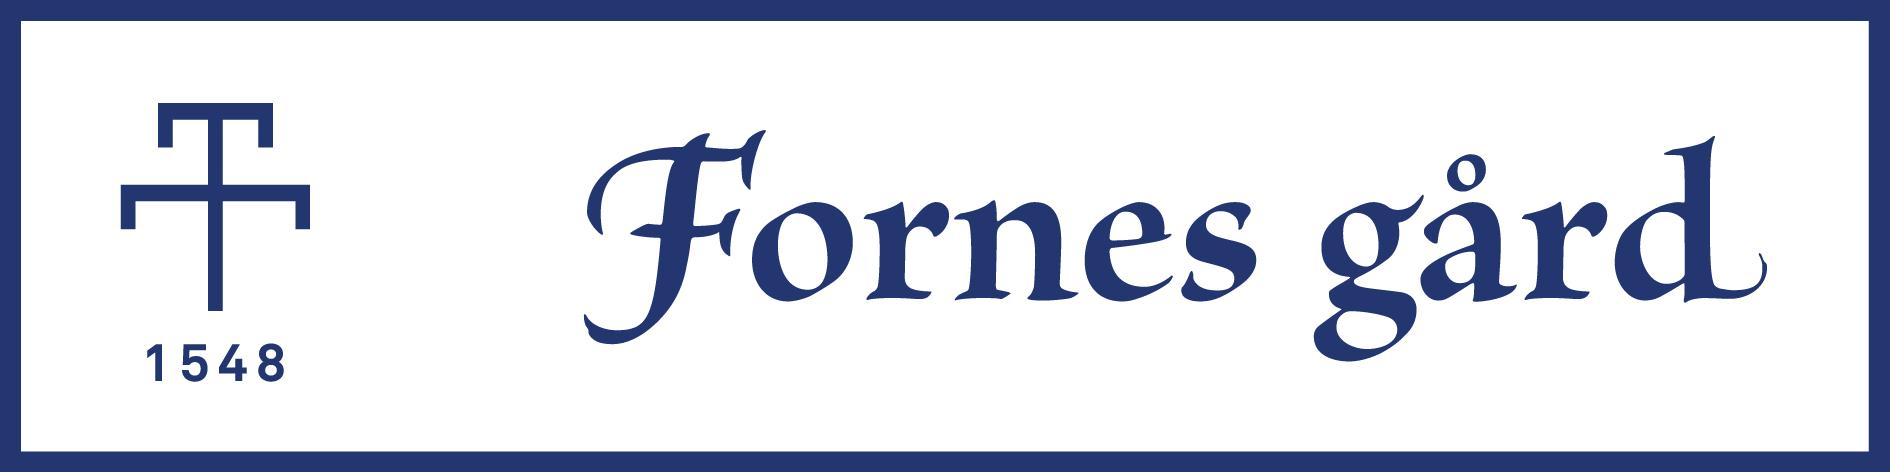 Fornes gård logo avlang rammer-04.png